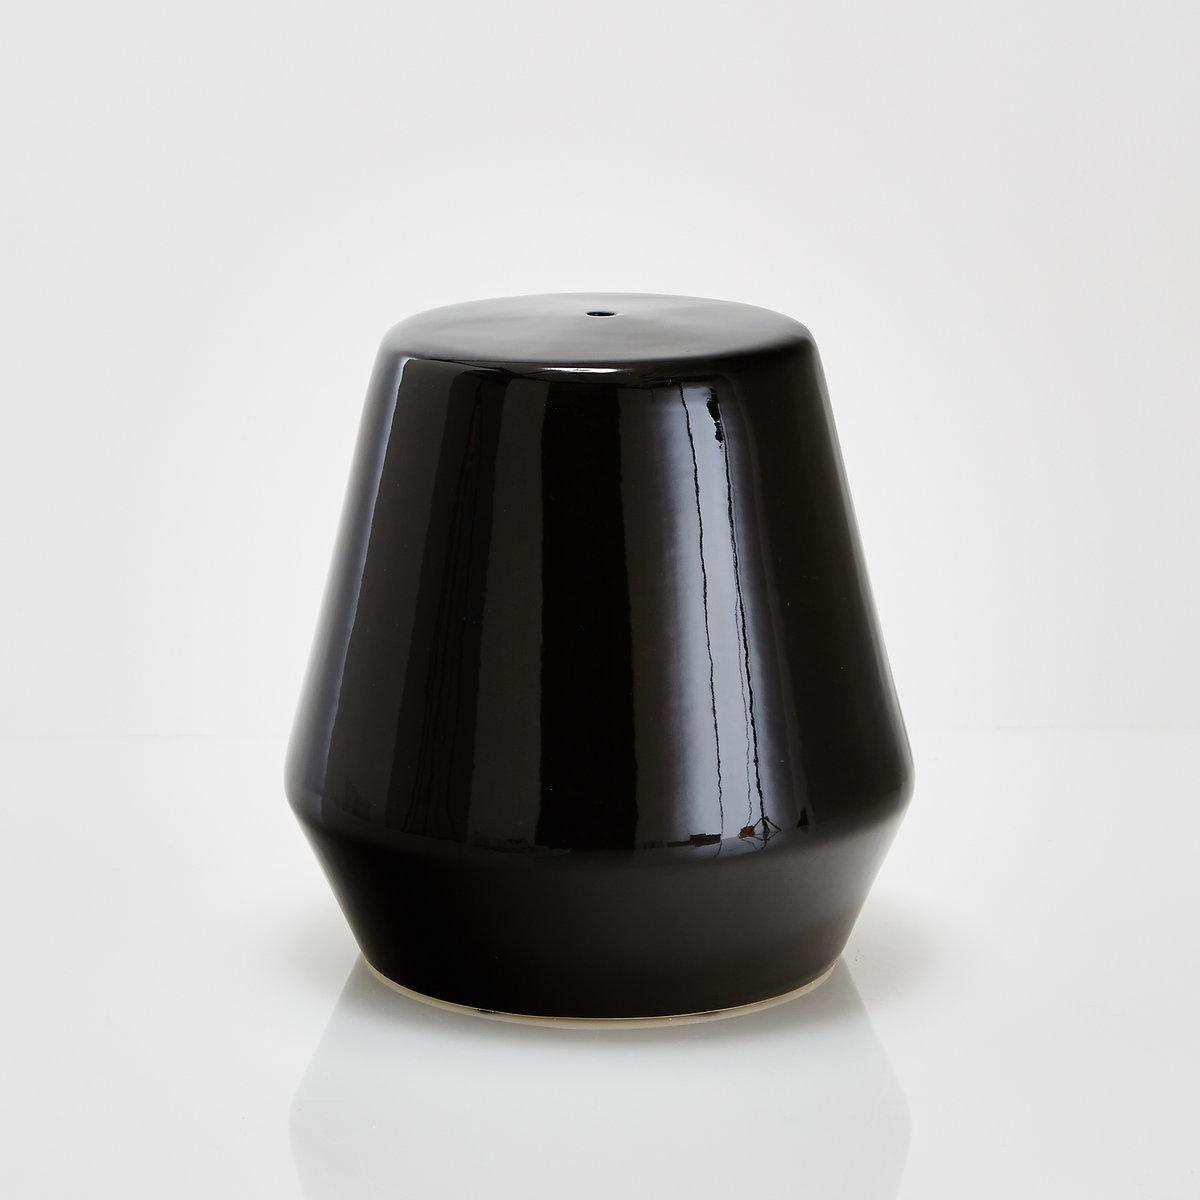 Столик журнальный или прикроватный из керамики, AmibiХарактеристики столика Amibi  :Эмалированная керамика .Размеры столика Amibi :Общие размерыДиаметр : 40 смВысота : 40 смДругие предметы декора - в коллекции на сайте laredoute.ru.Размеры и вес упаковки :1 упаковка50 x 53 x 51 см 9 кг  Доставка на дом:Доставка на дом осуществляется по предварительной договоренности!Внимание: Убедитесь в том, что товар возможно доставить на дом, учитывая его габариты(проходит в двери, по лестницам, в лифты).<br><br>Цвет: черный<br>Размер: единый размер